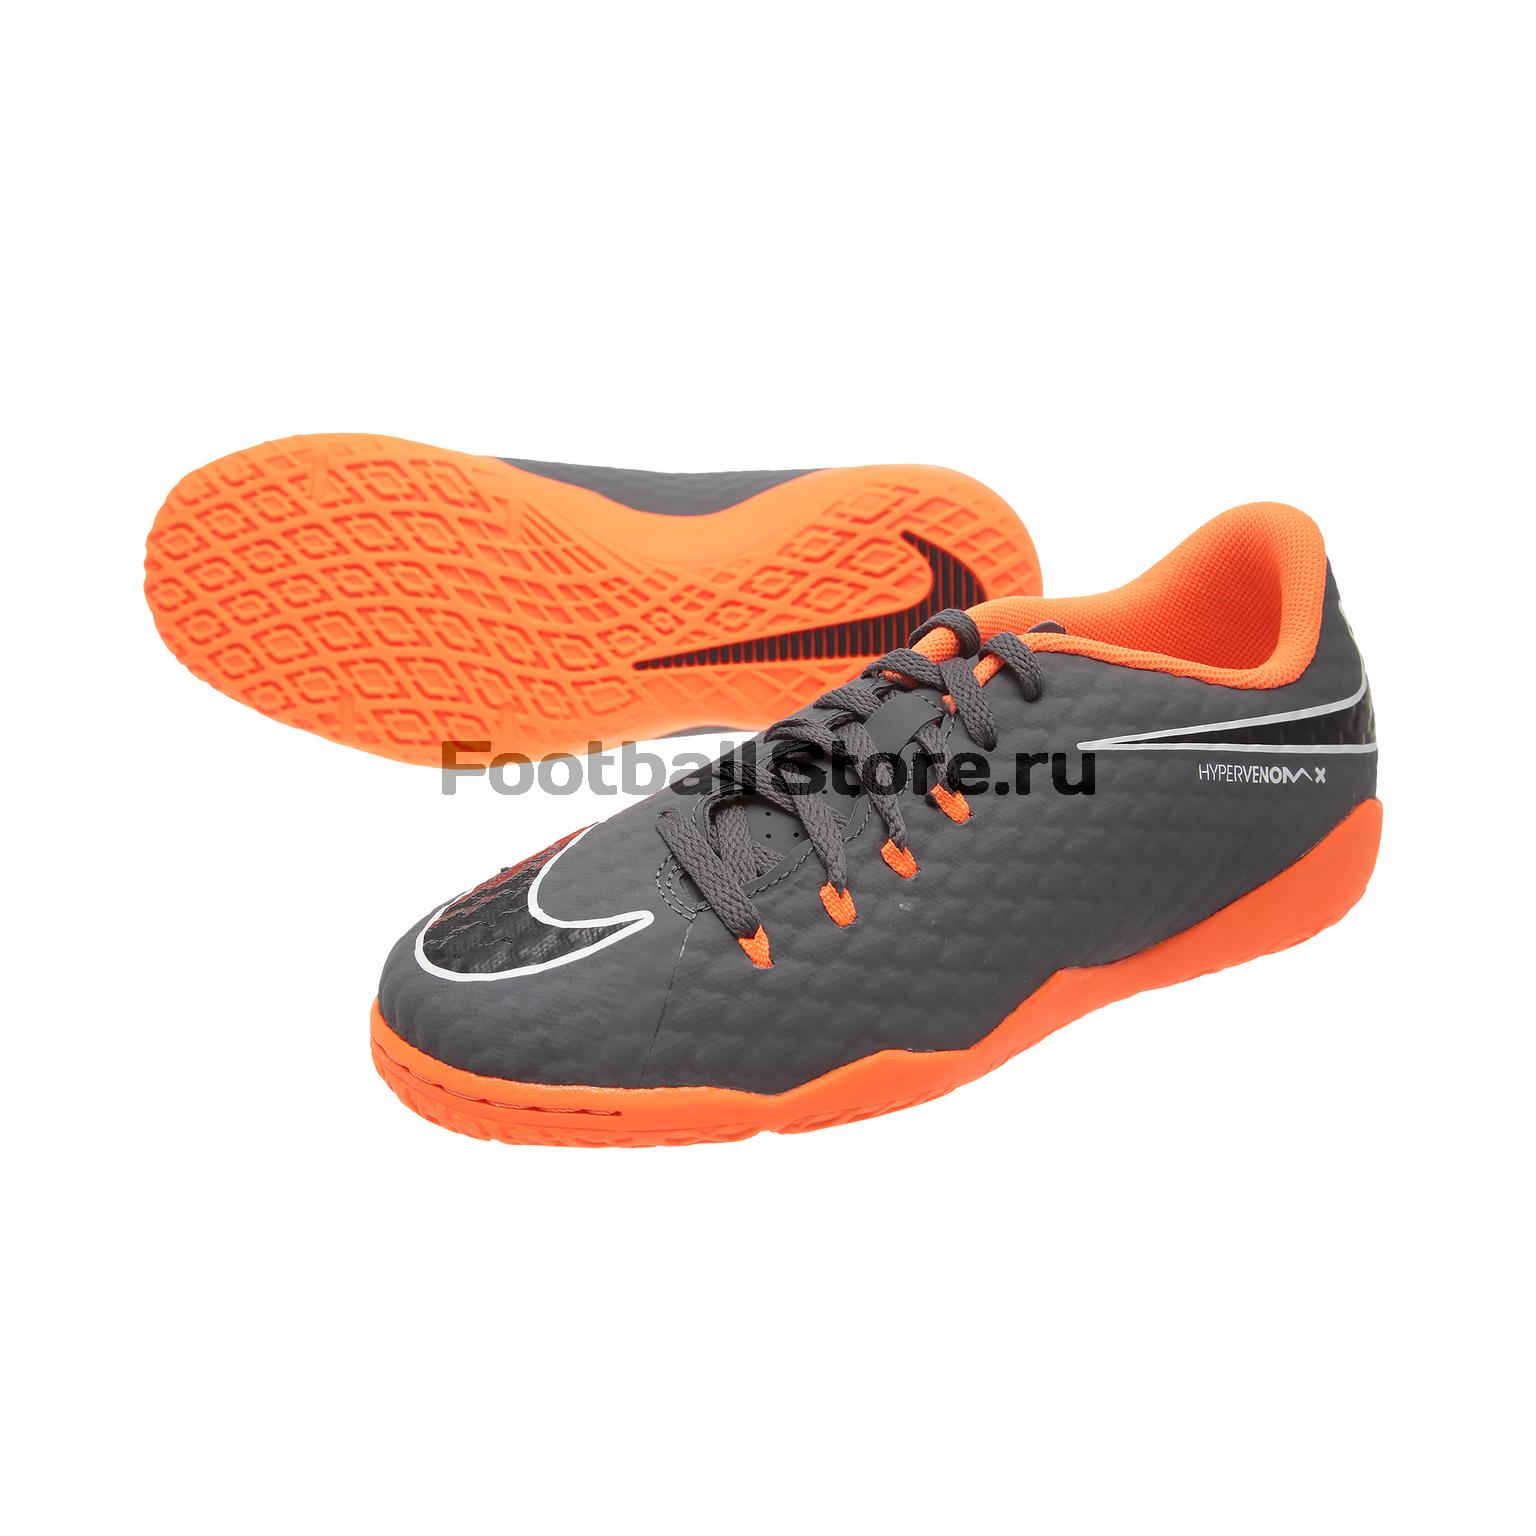 Обувь для зала Nike JR PhantomX 3 Academy IC AH7295-081 бутсы nike jr superfly 6 academy gs sg pro ah7338 081